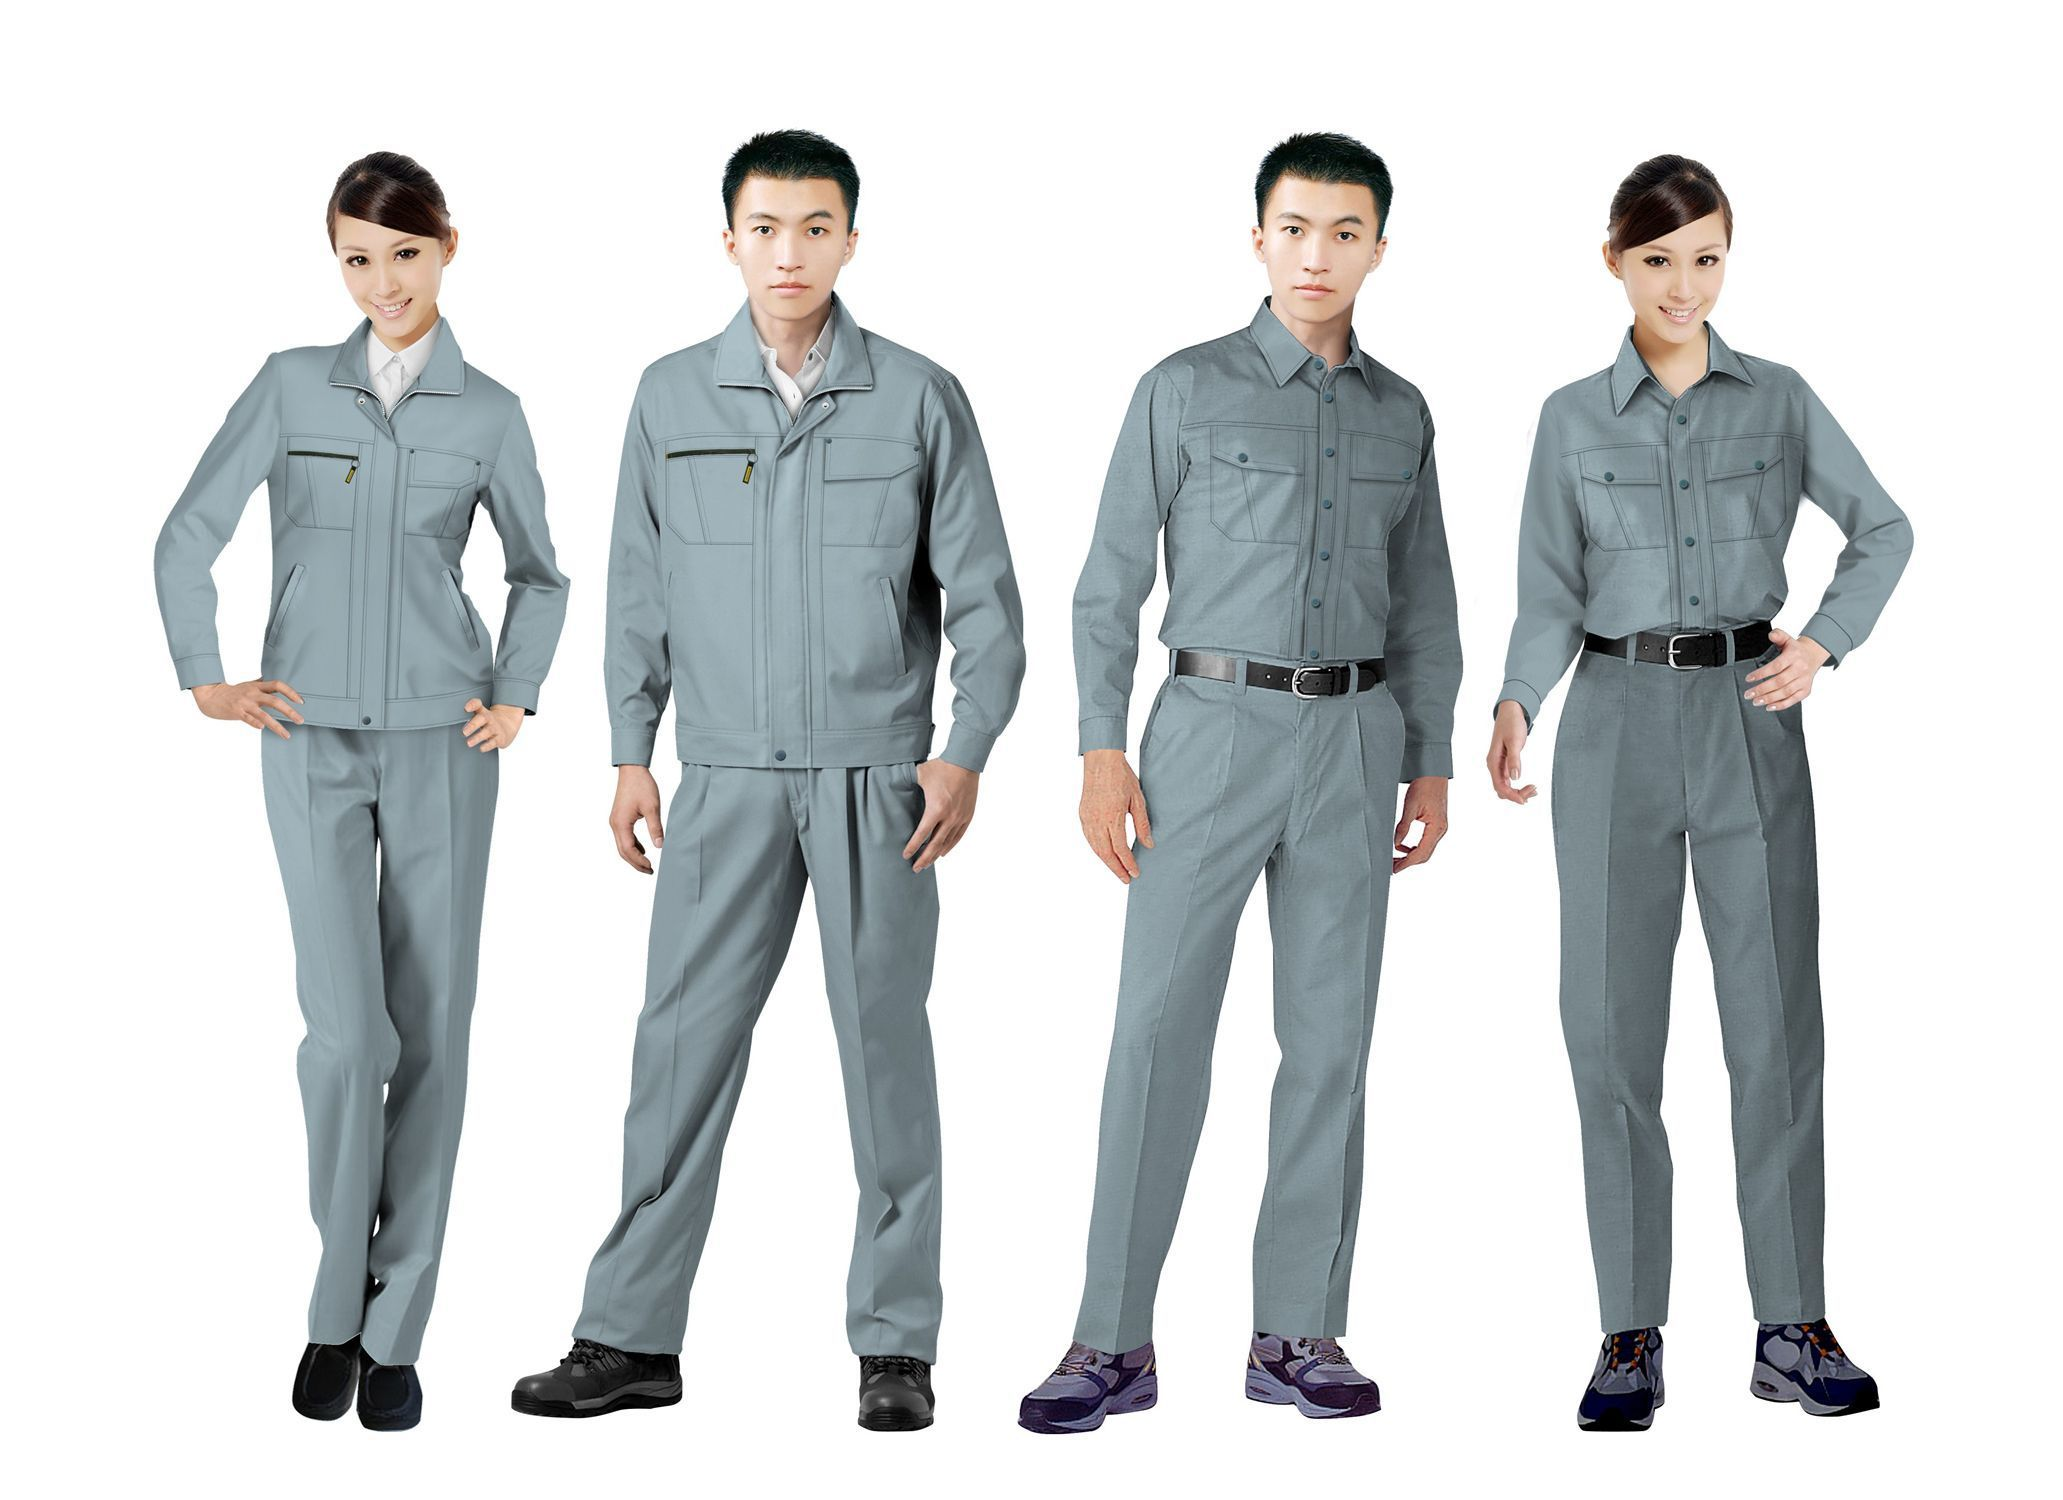 工作服设计图系列方案10